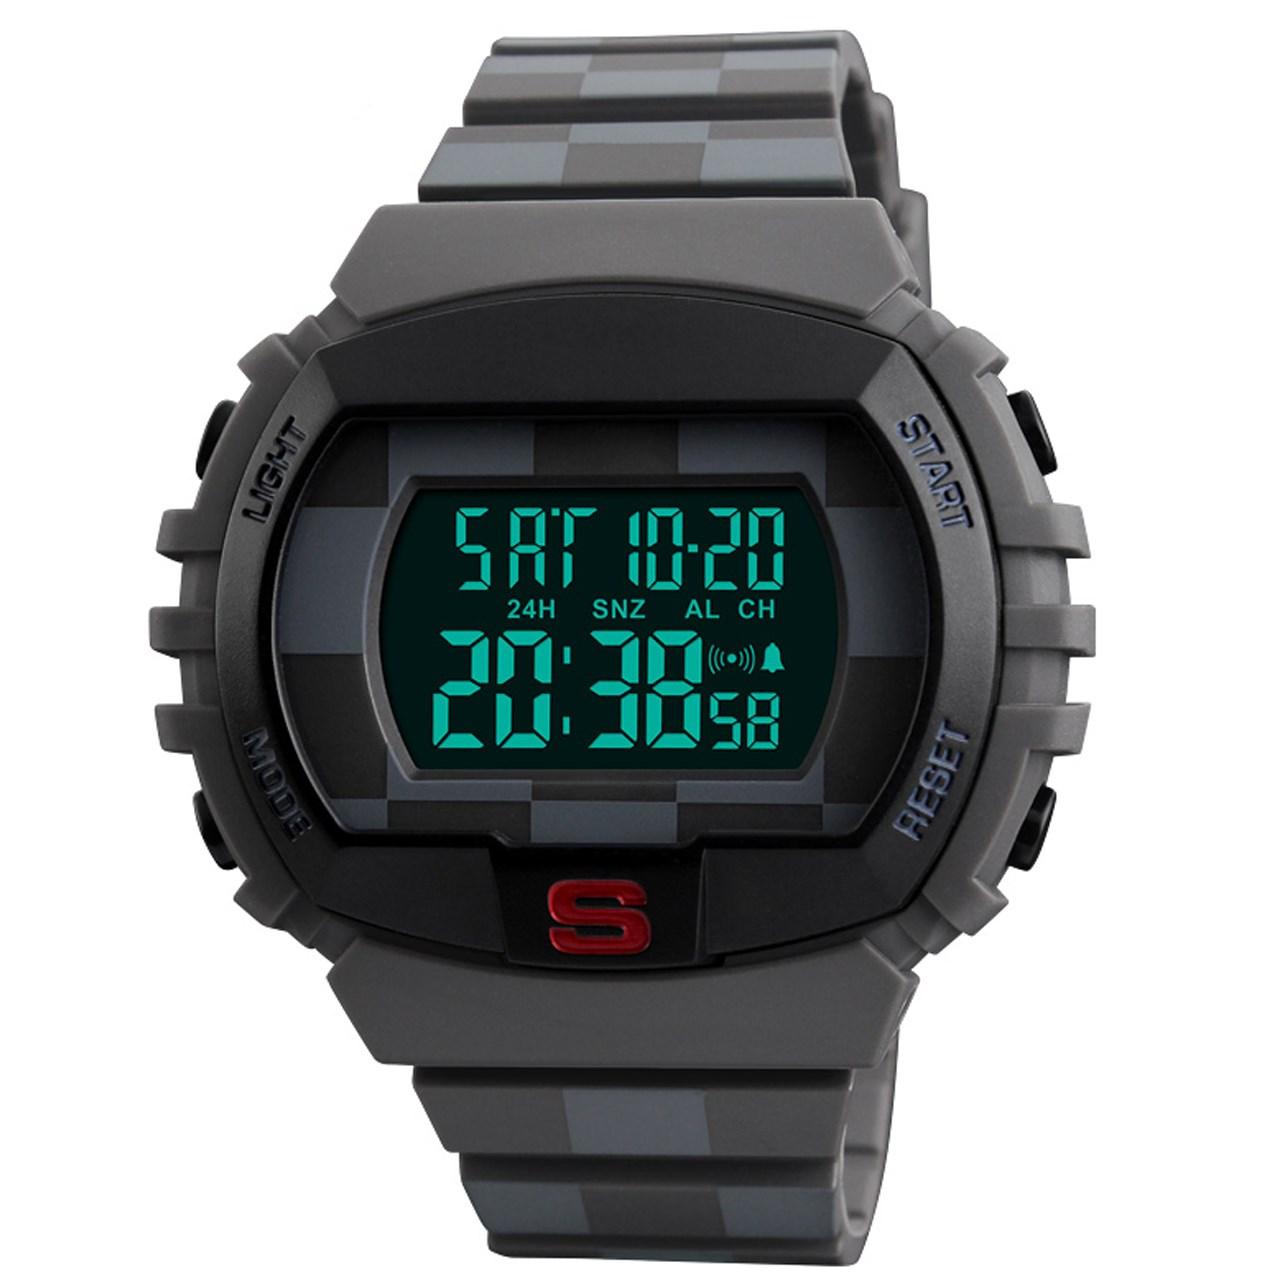 ساعت مچی دیجیتالی اسکمی مدل 1304 کد 02